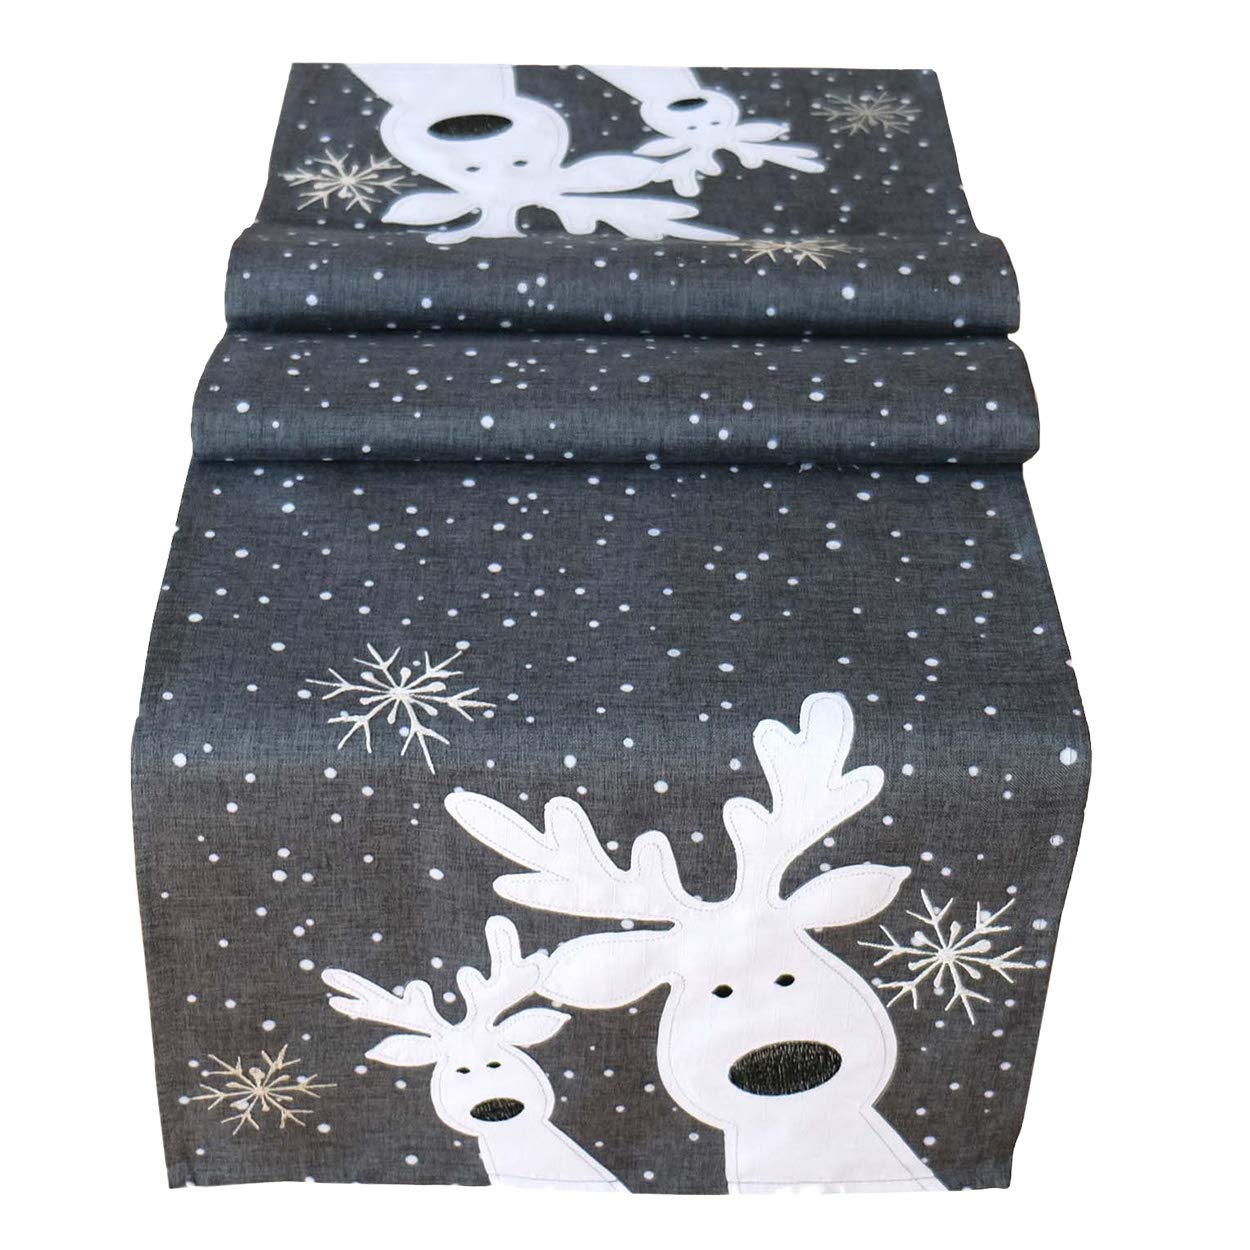 Tischläufer 40 x 85 cm grau weiß Silber, lustiger Elch, Rentier, Tischdecke, Weihnachten Weihnachtsdeko Weihnachtstischdecke kurz Raebel